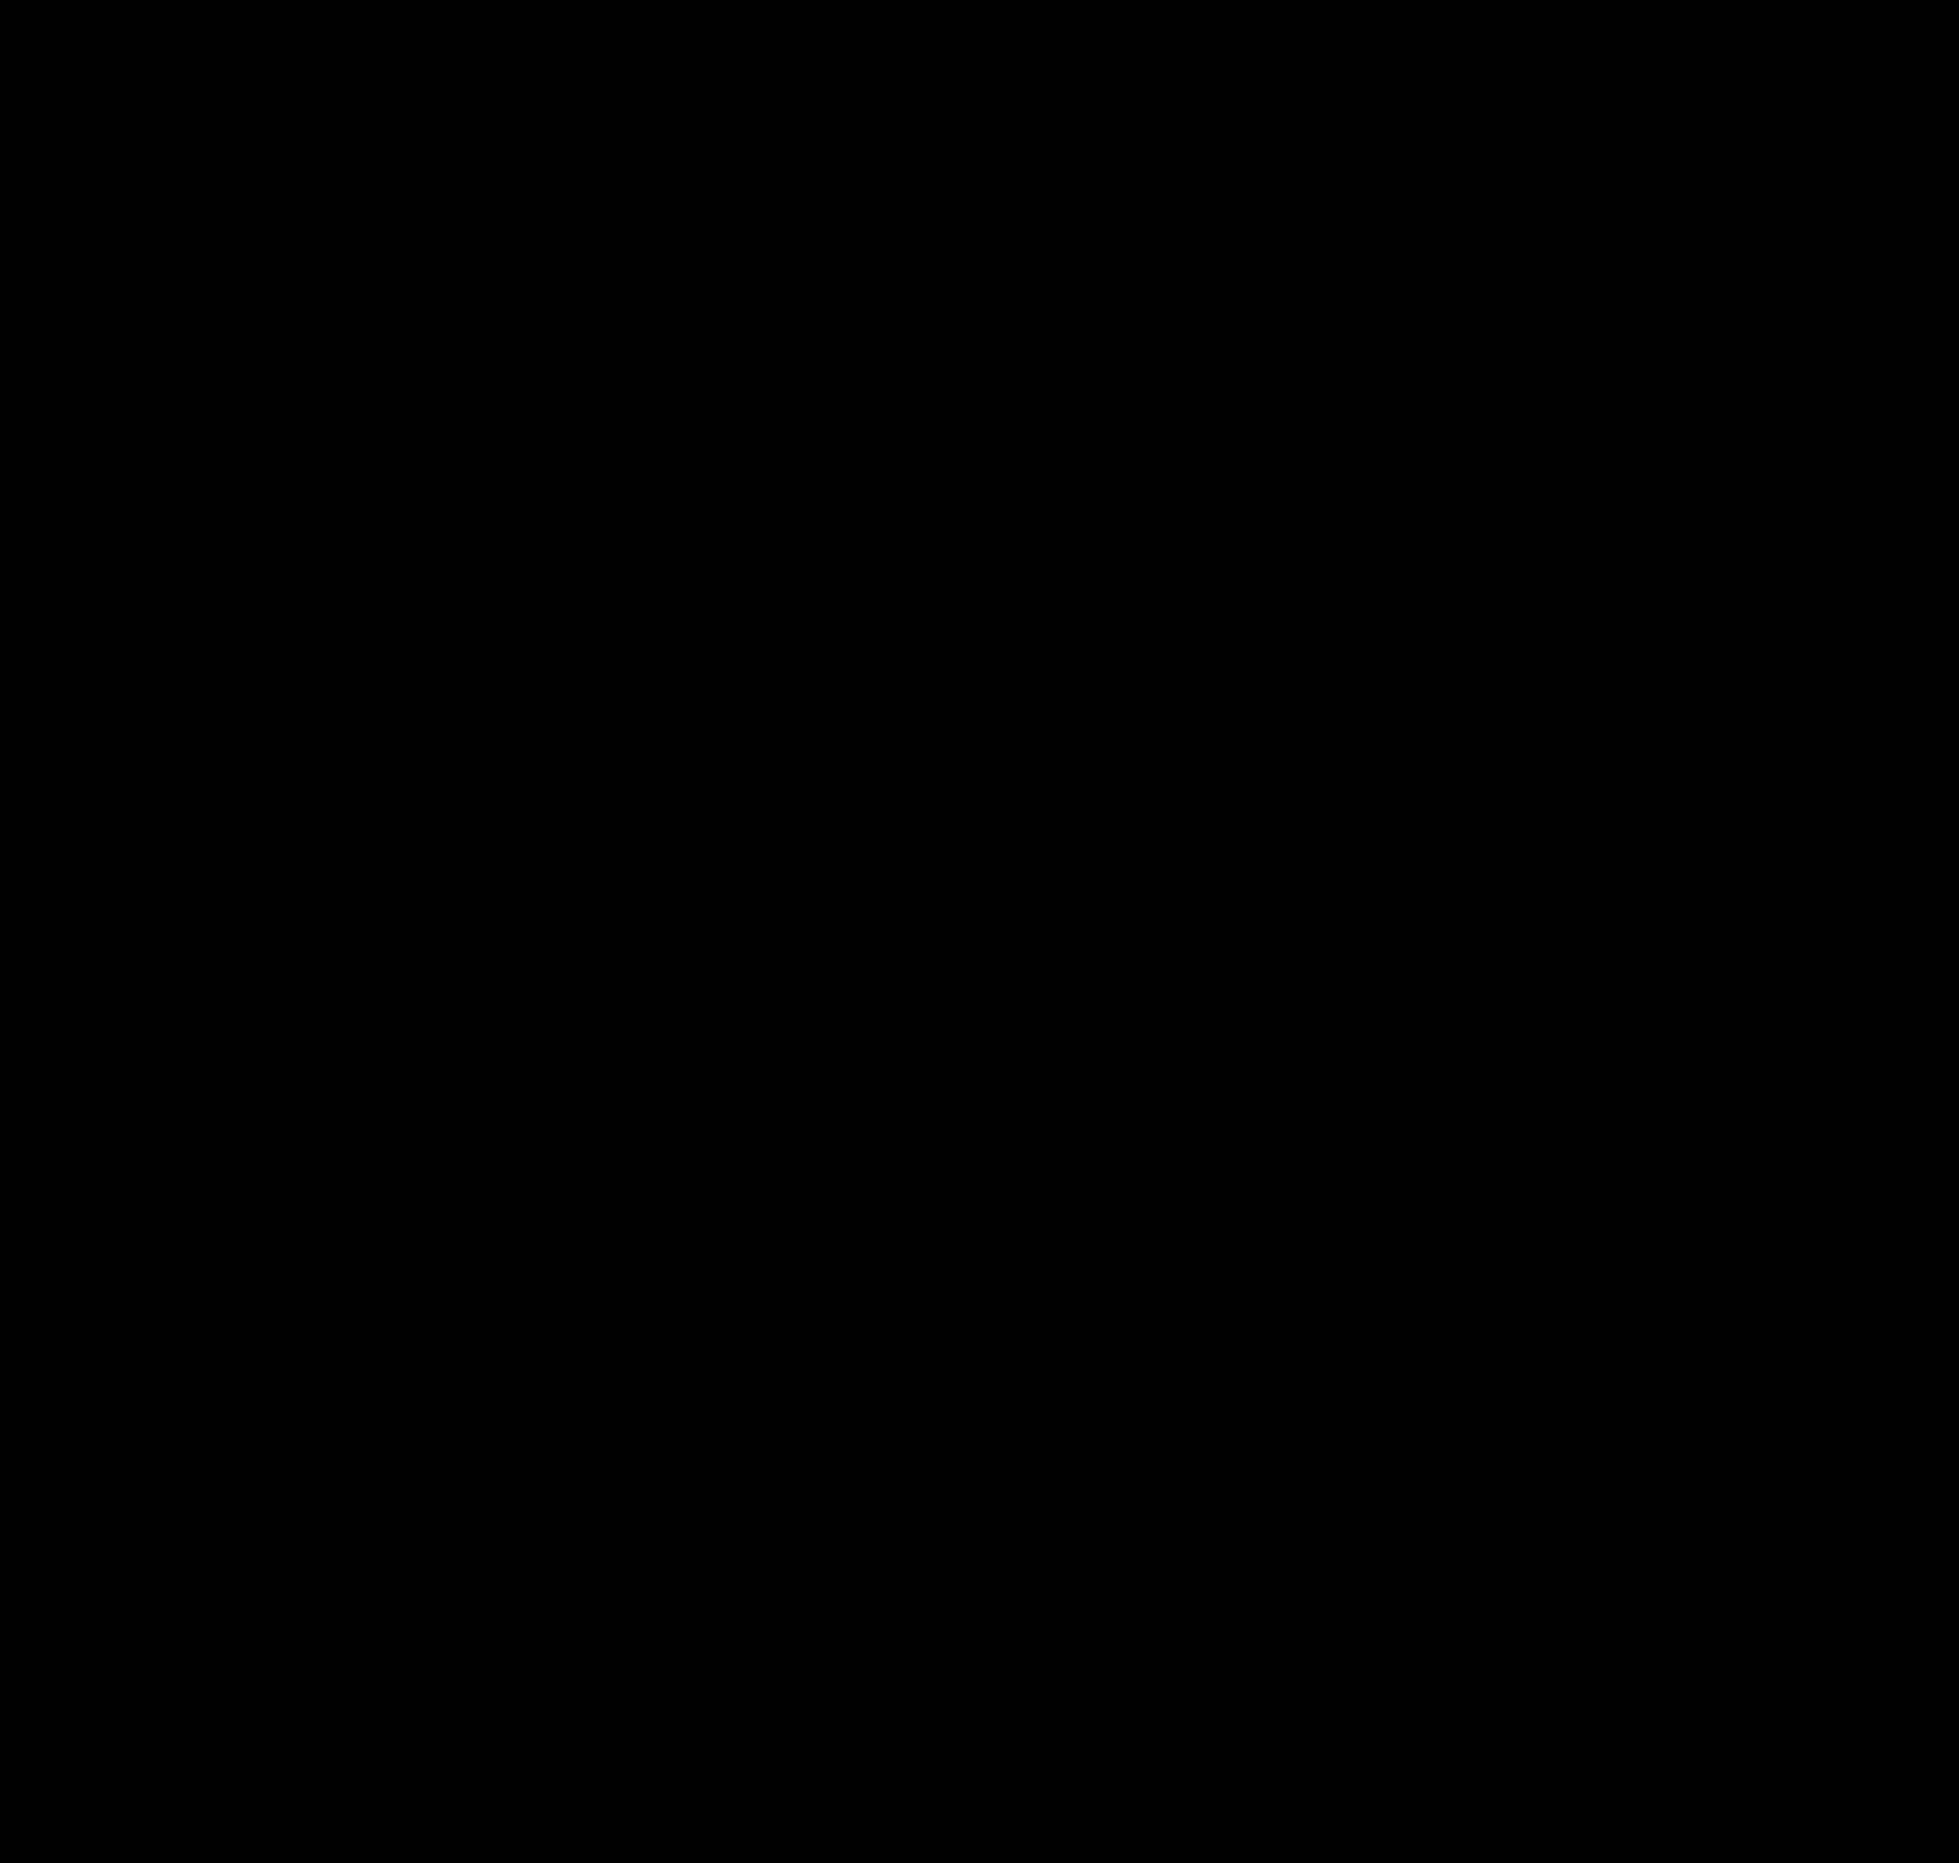 1959x1863 Dateistencil Joker.png